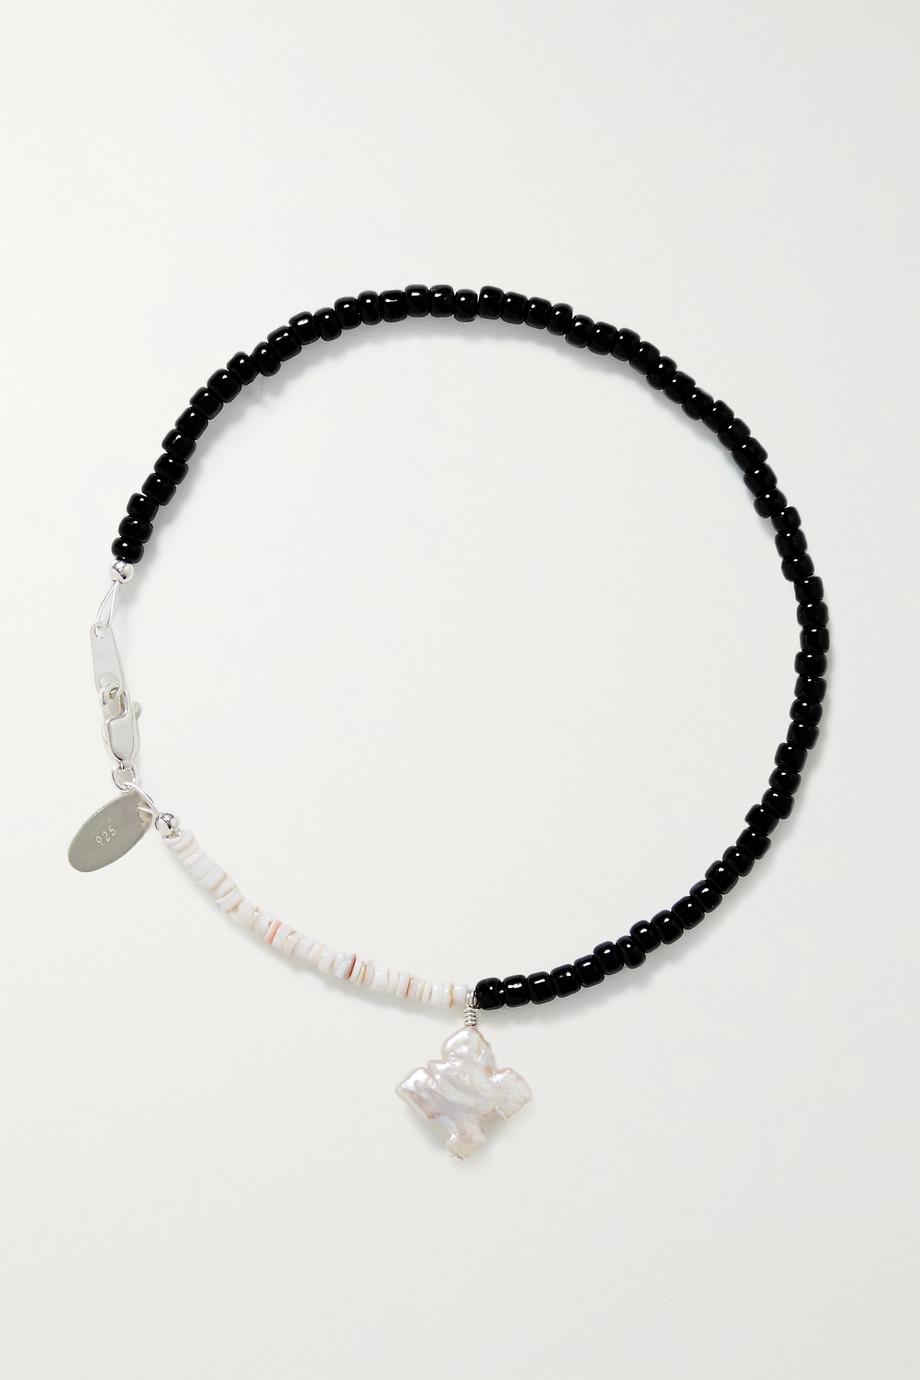 Santangelo Bijou de cheville en argent, perle d'eau douce, coquillages et perles de verre Pronto